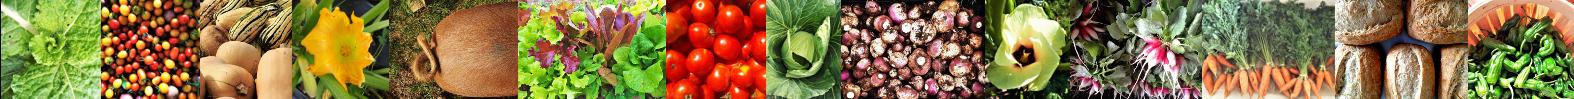 VegetableBanner.png